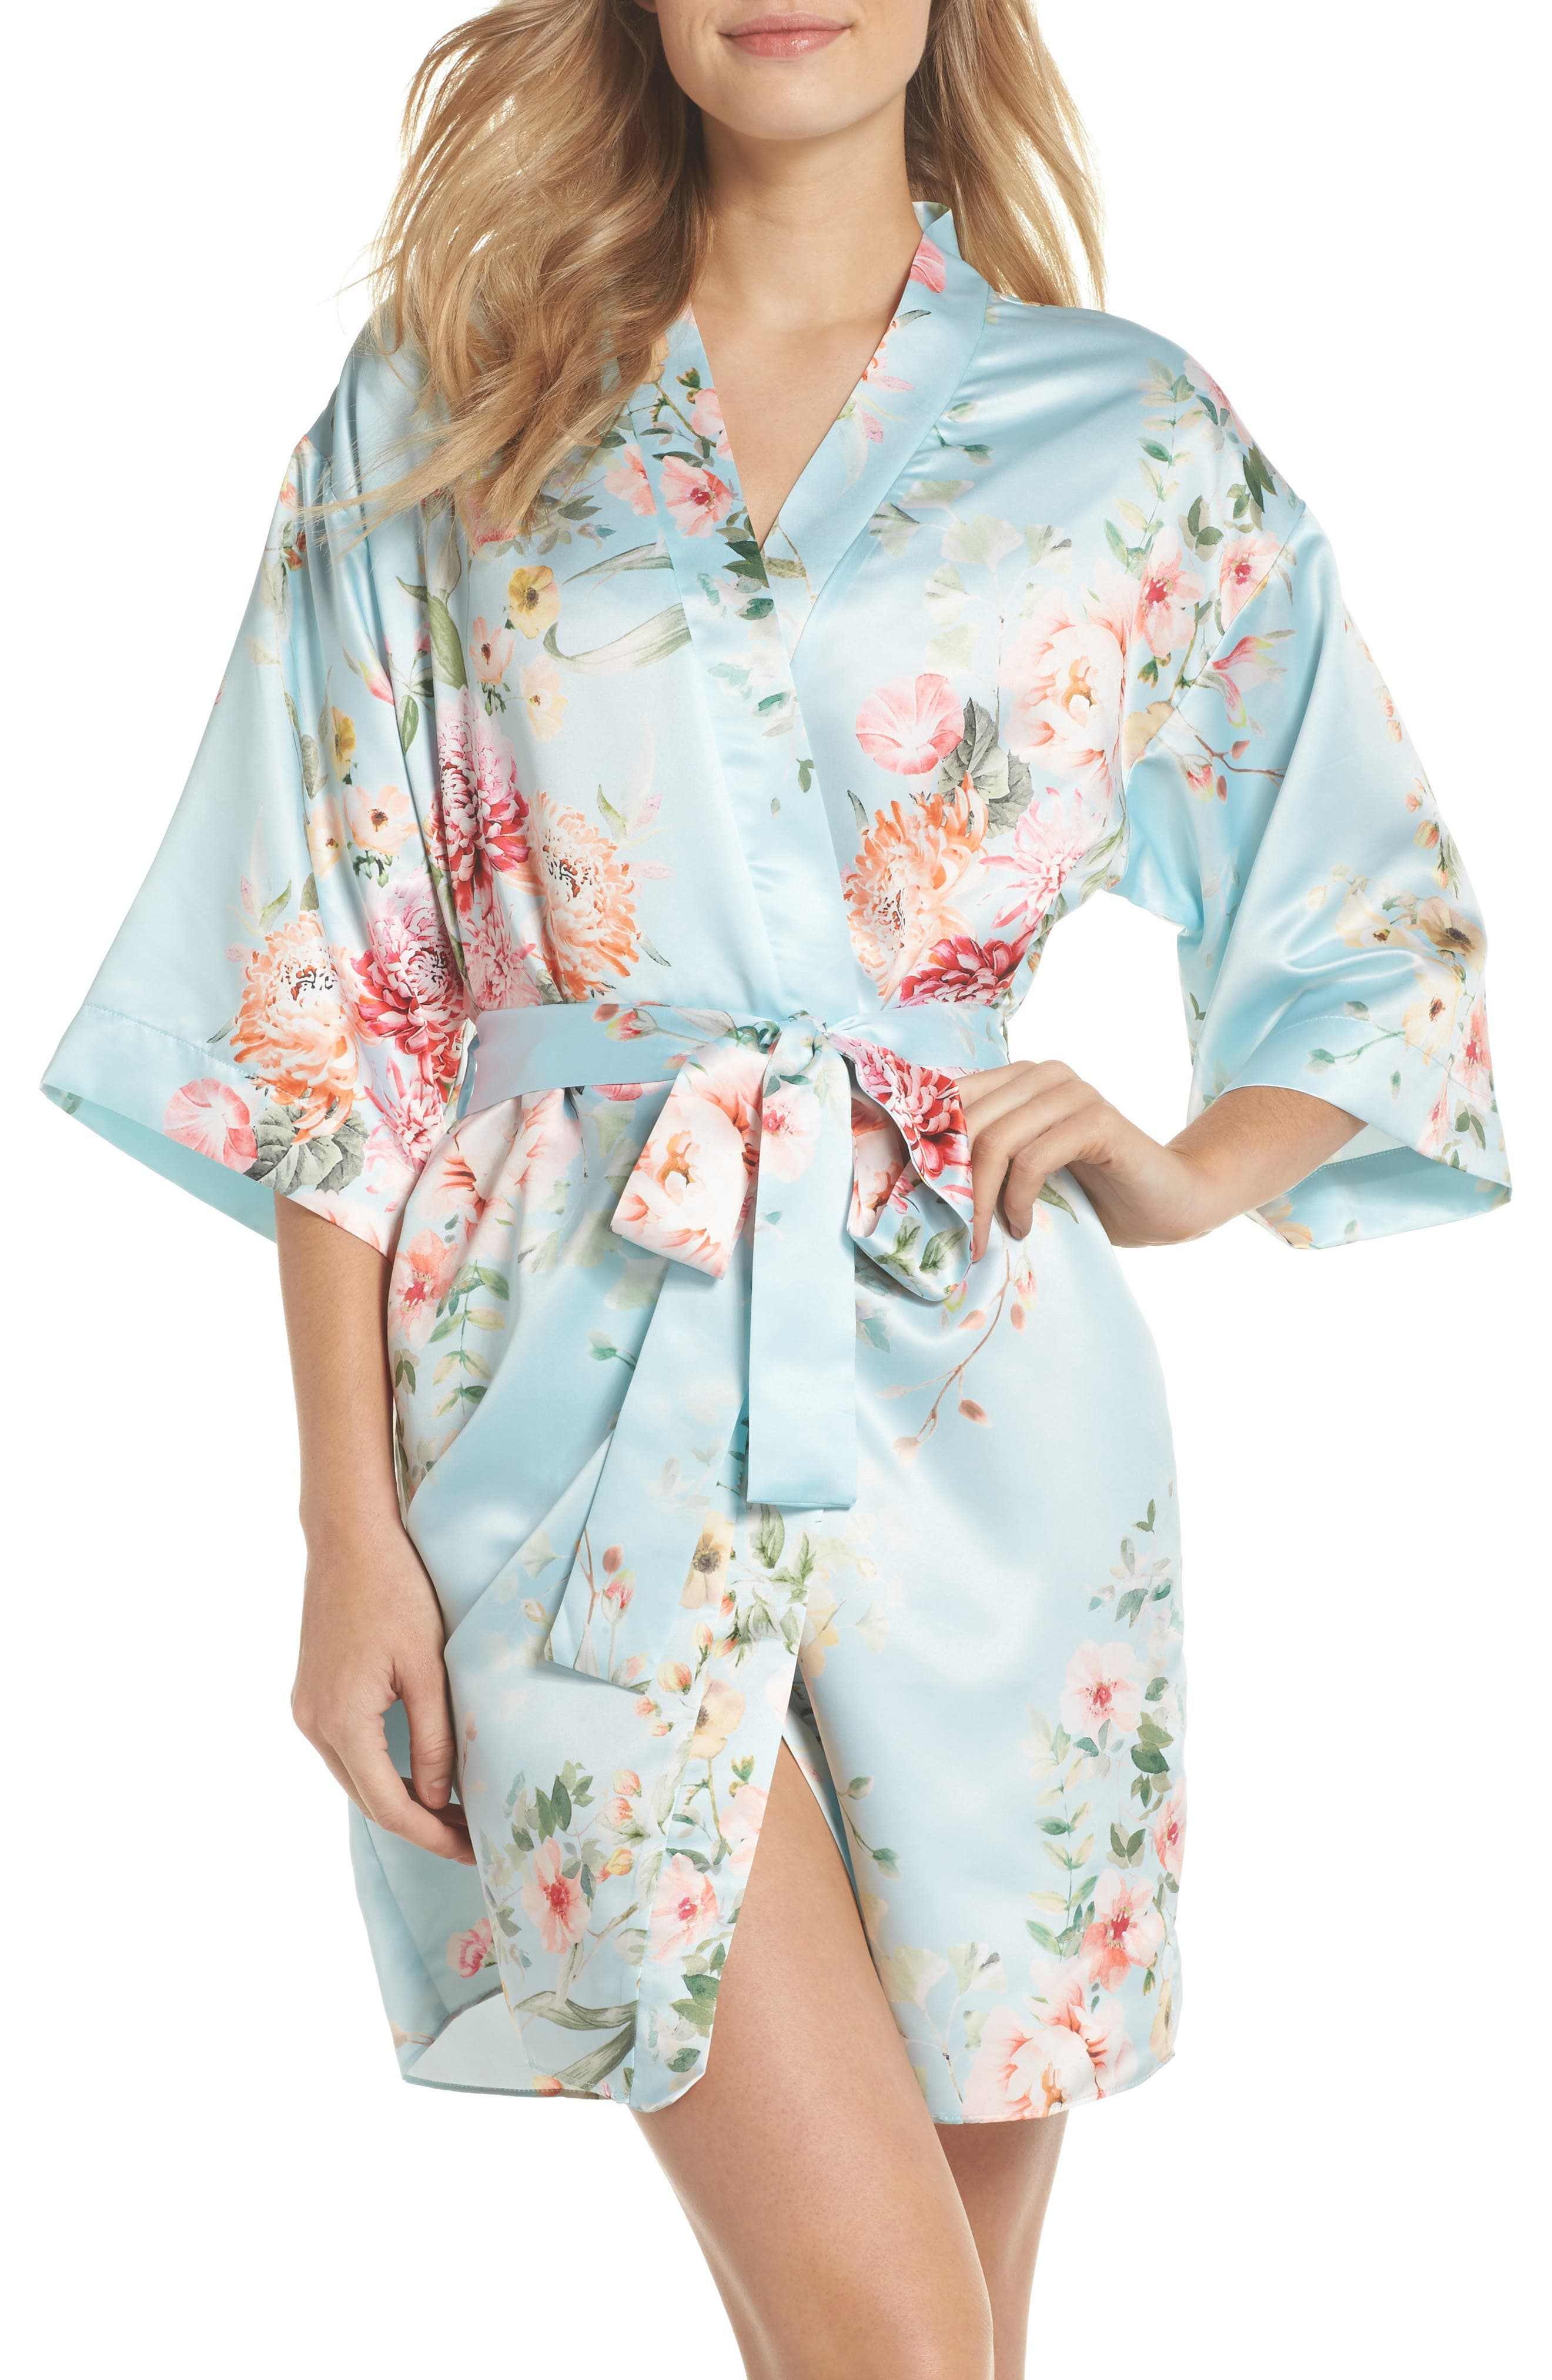 Renata Short Satin Robe,                             Main thumbnail 1, color,                             Bridal Blue